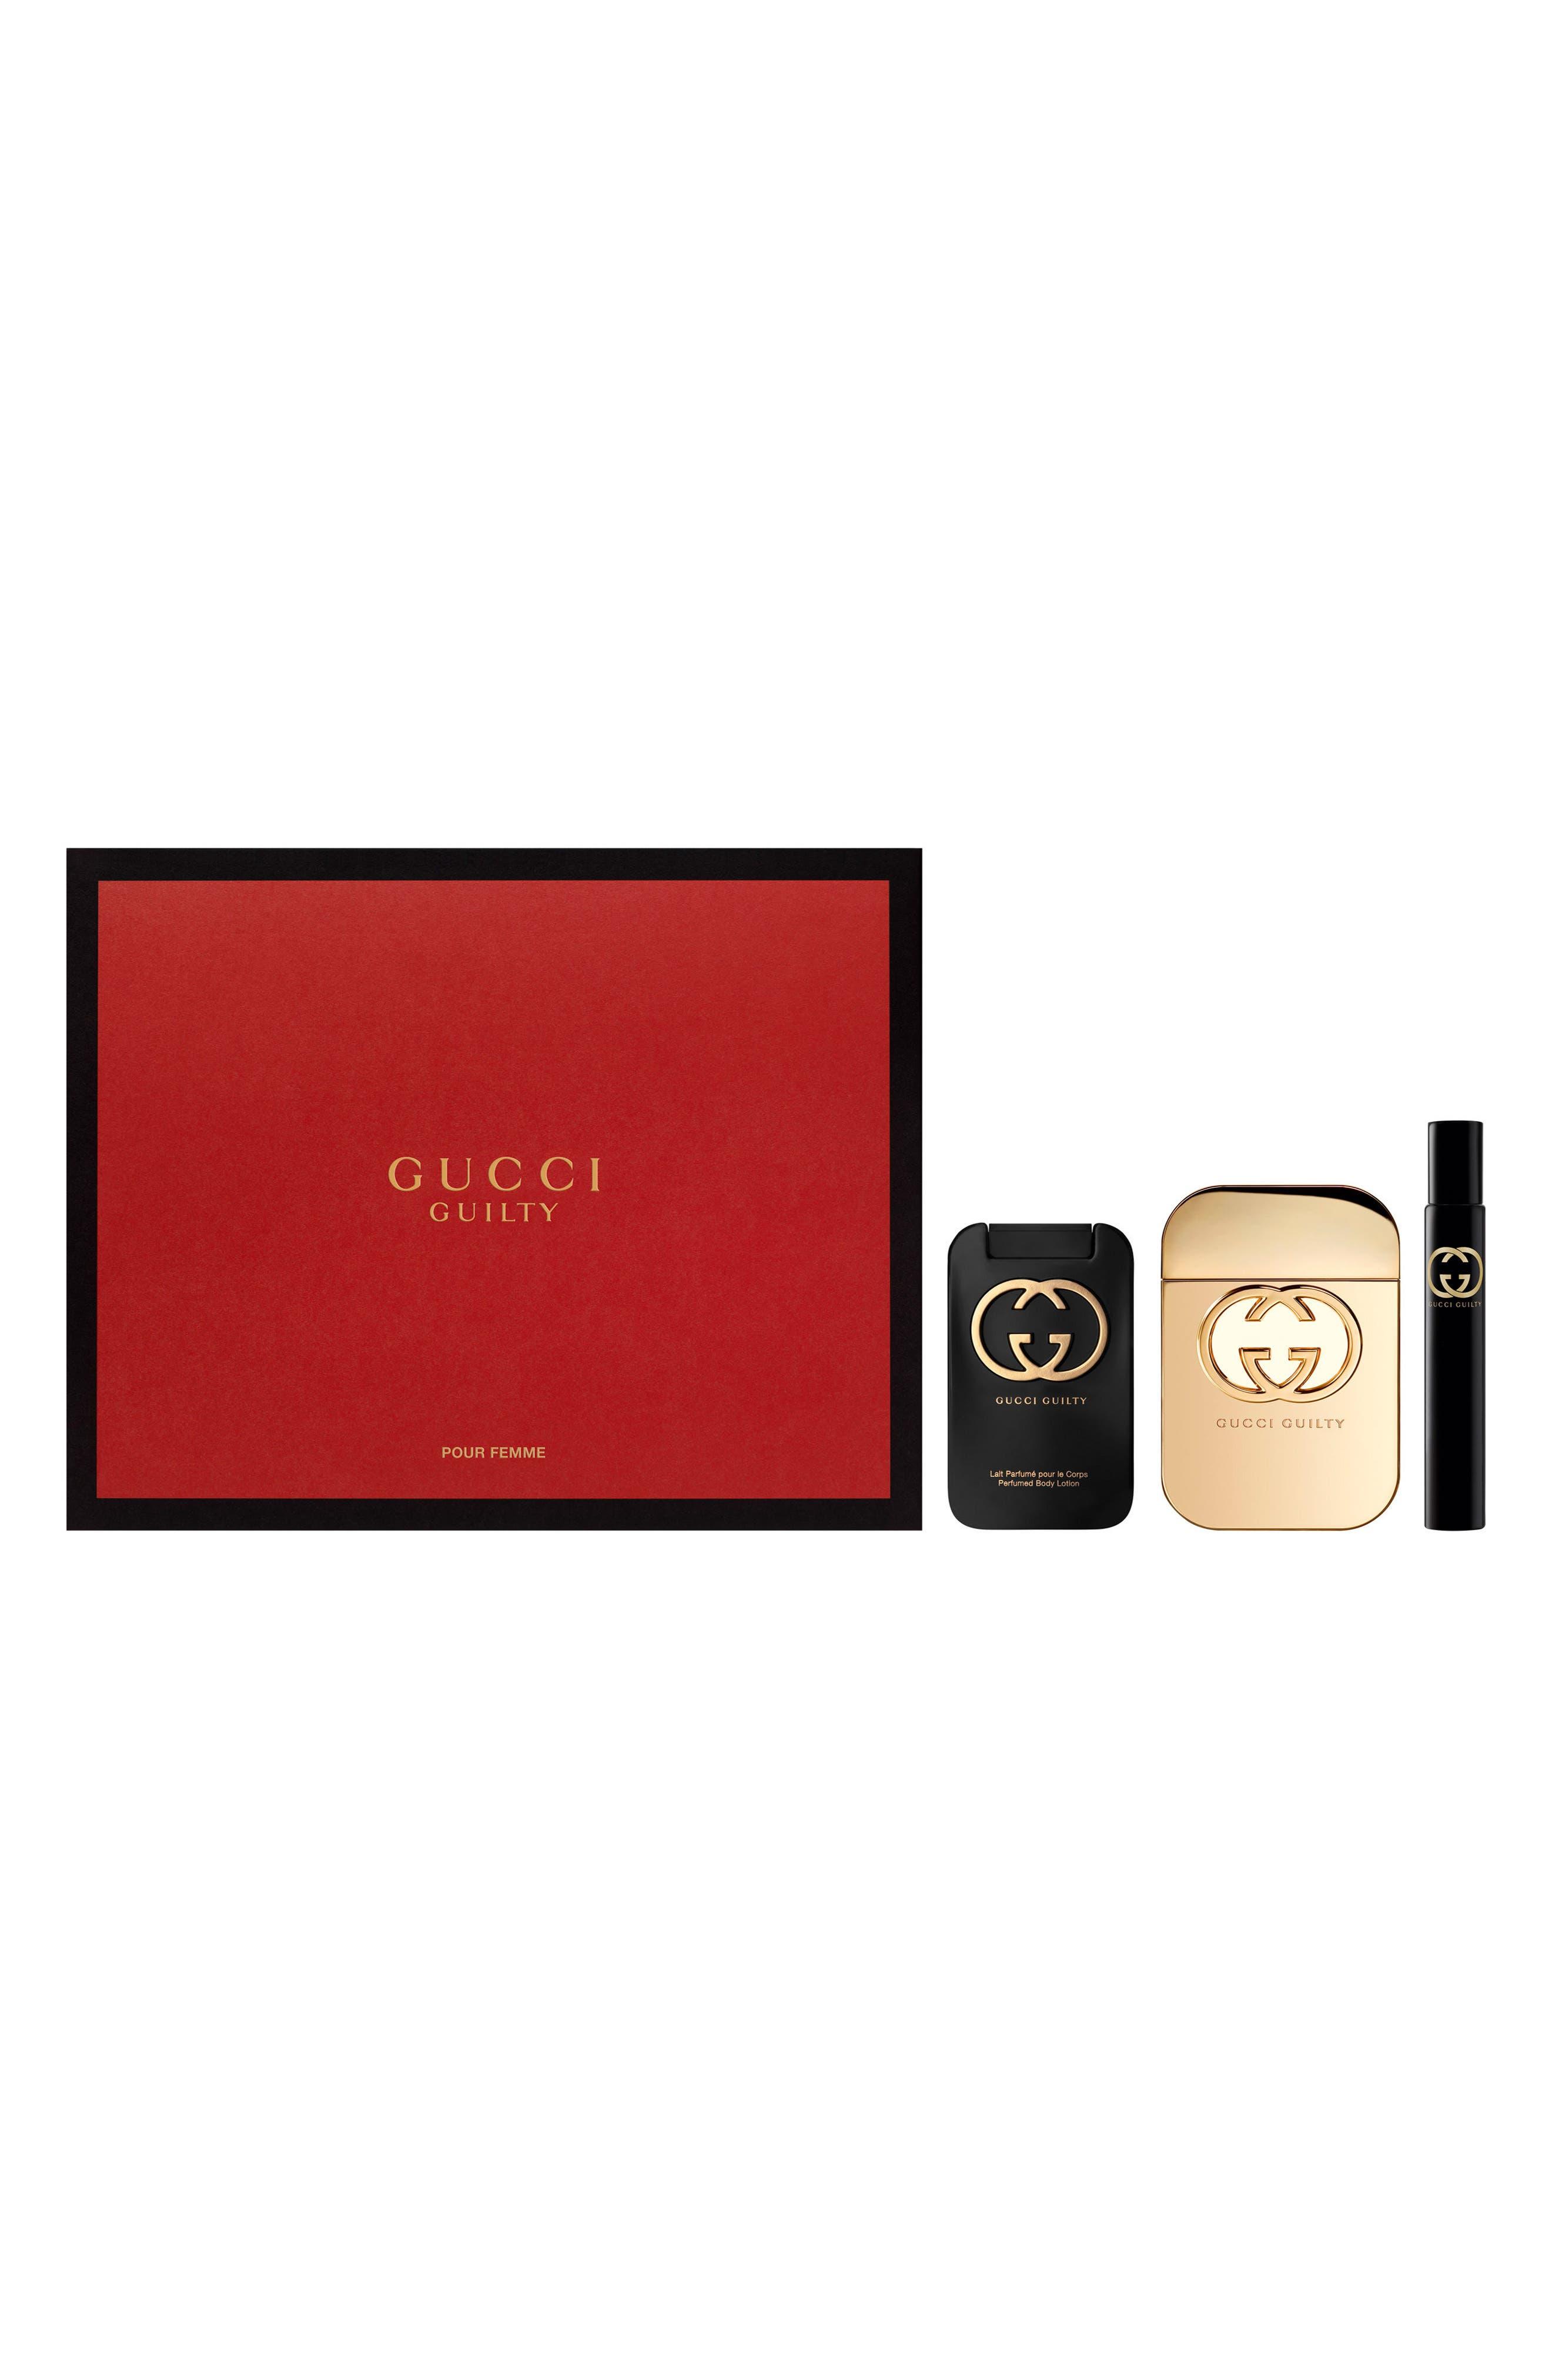 Alternate Image 1 Selected - Gucci Guilty Eau de Toilette pour Femme Set ($161 Value)